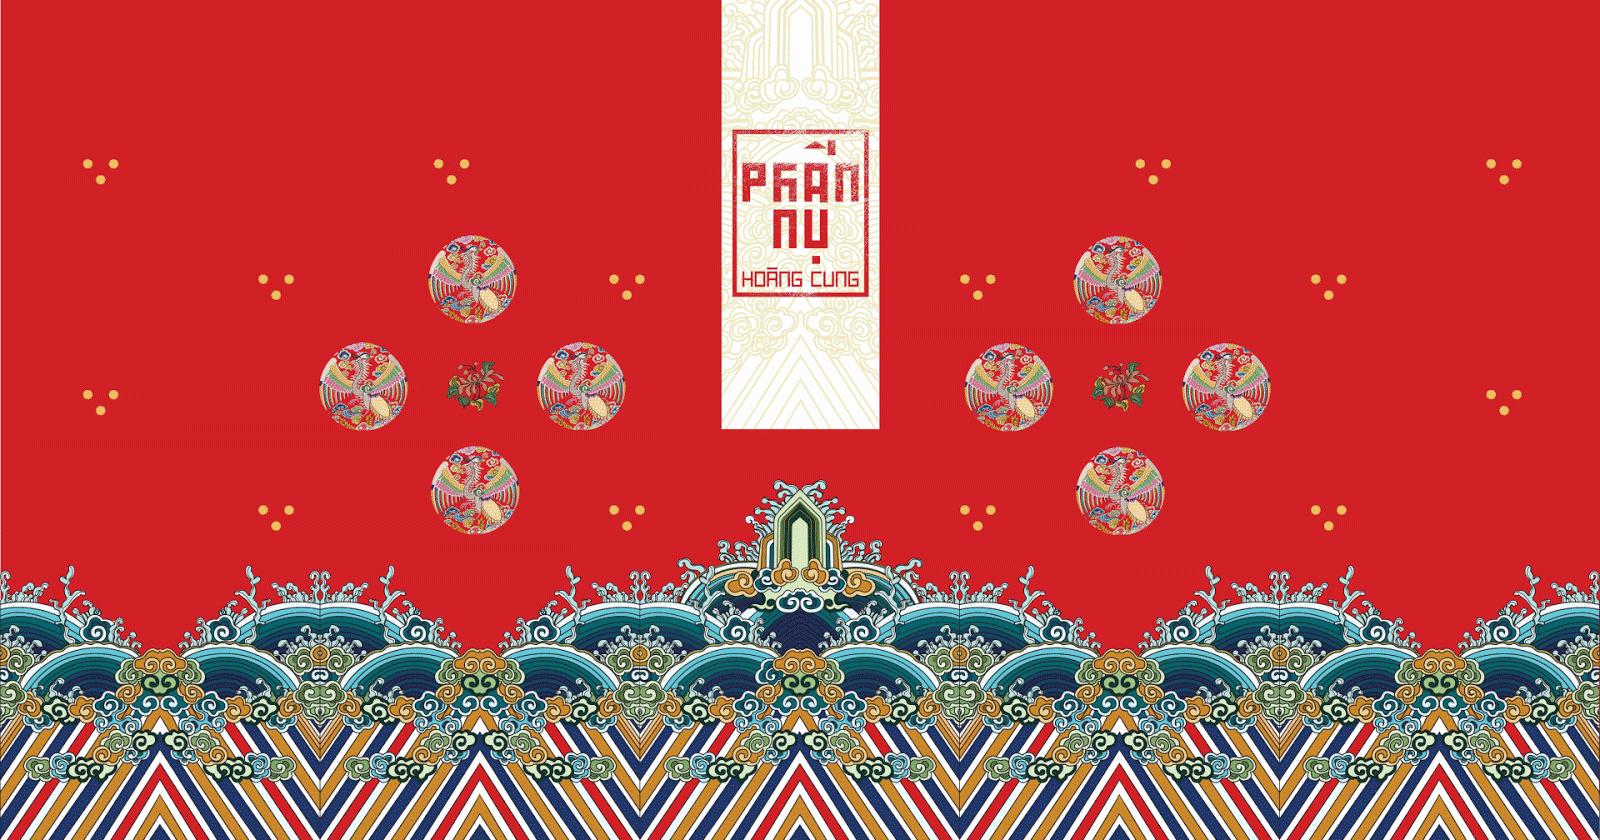 Bao bì Phấn nụ hoàng cung lấy cảm hứng từ phục trang Nhật Bình triều Nguyễn